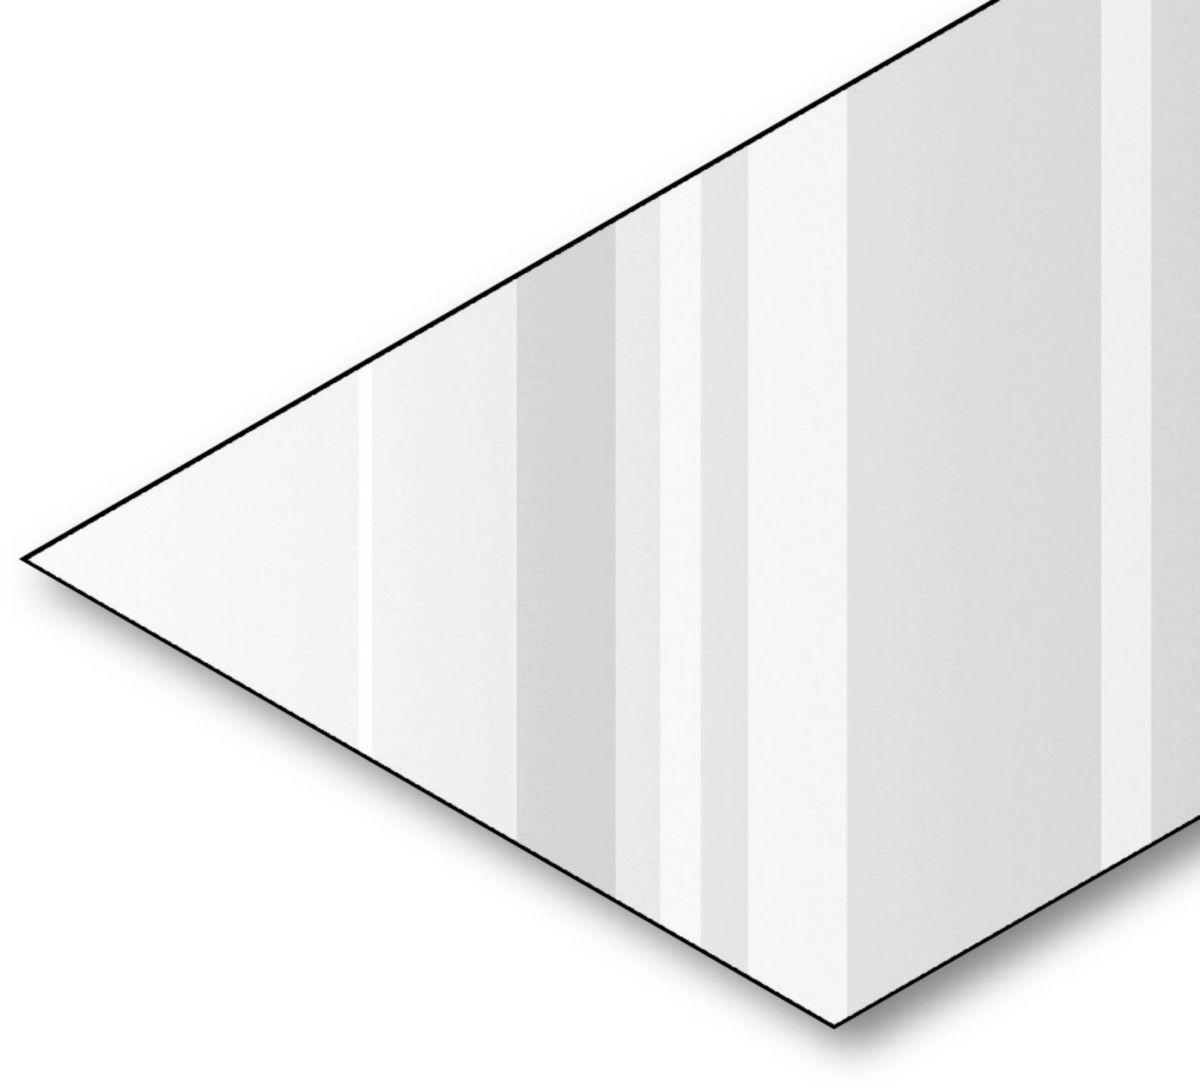 Tôle plane laquée épaisseur 0,50mm RAL 9005 noir 2x1,00m